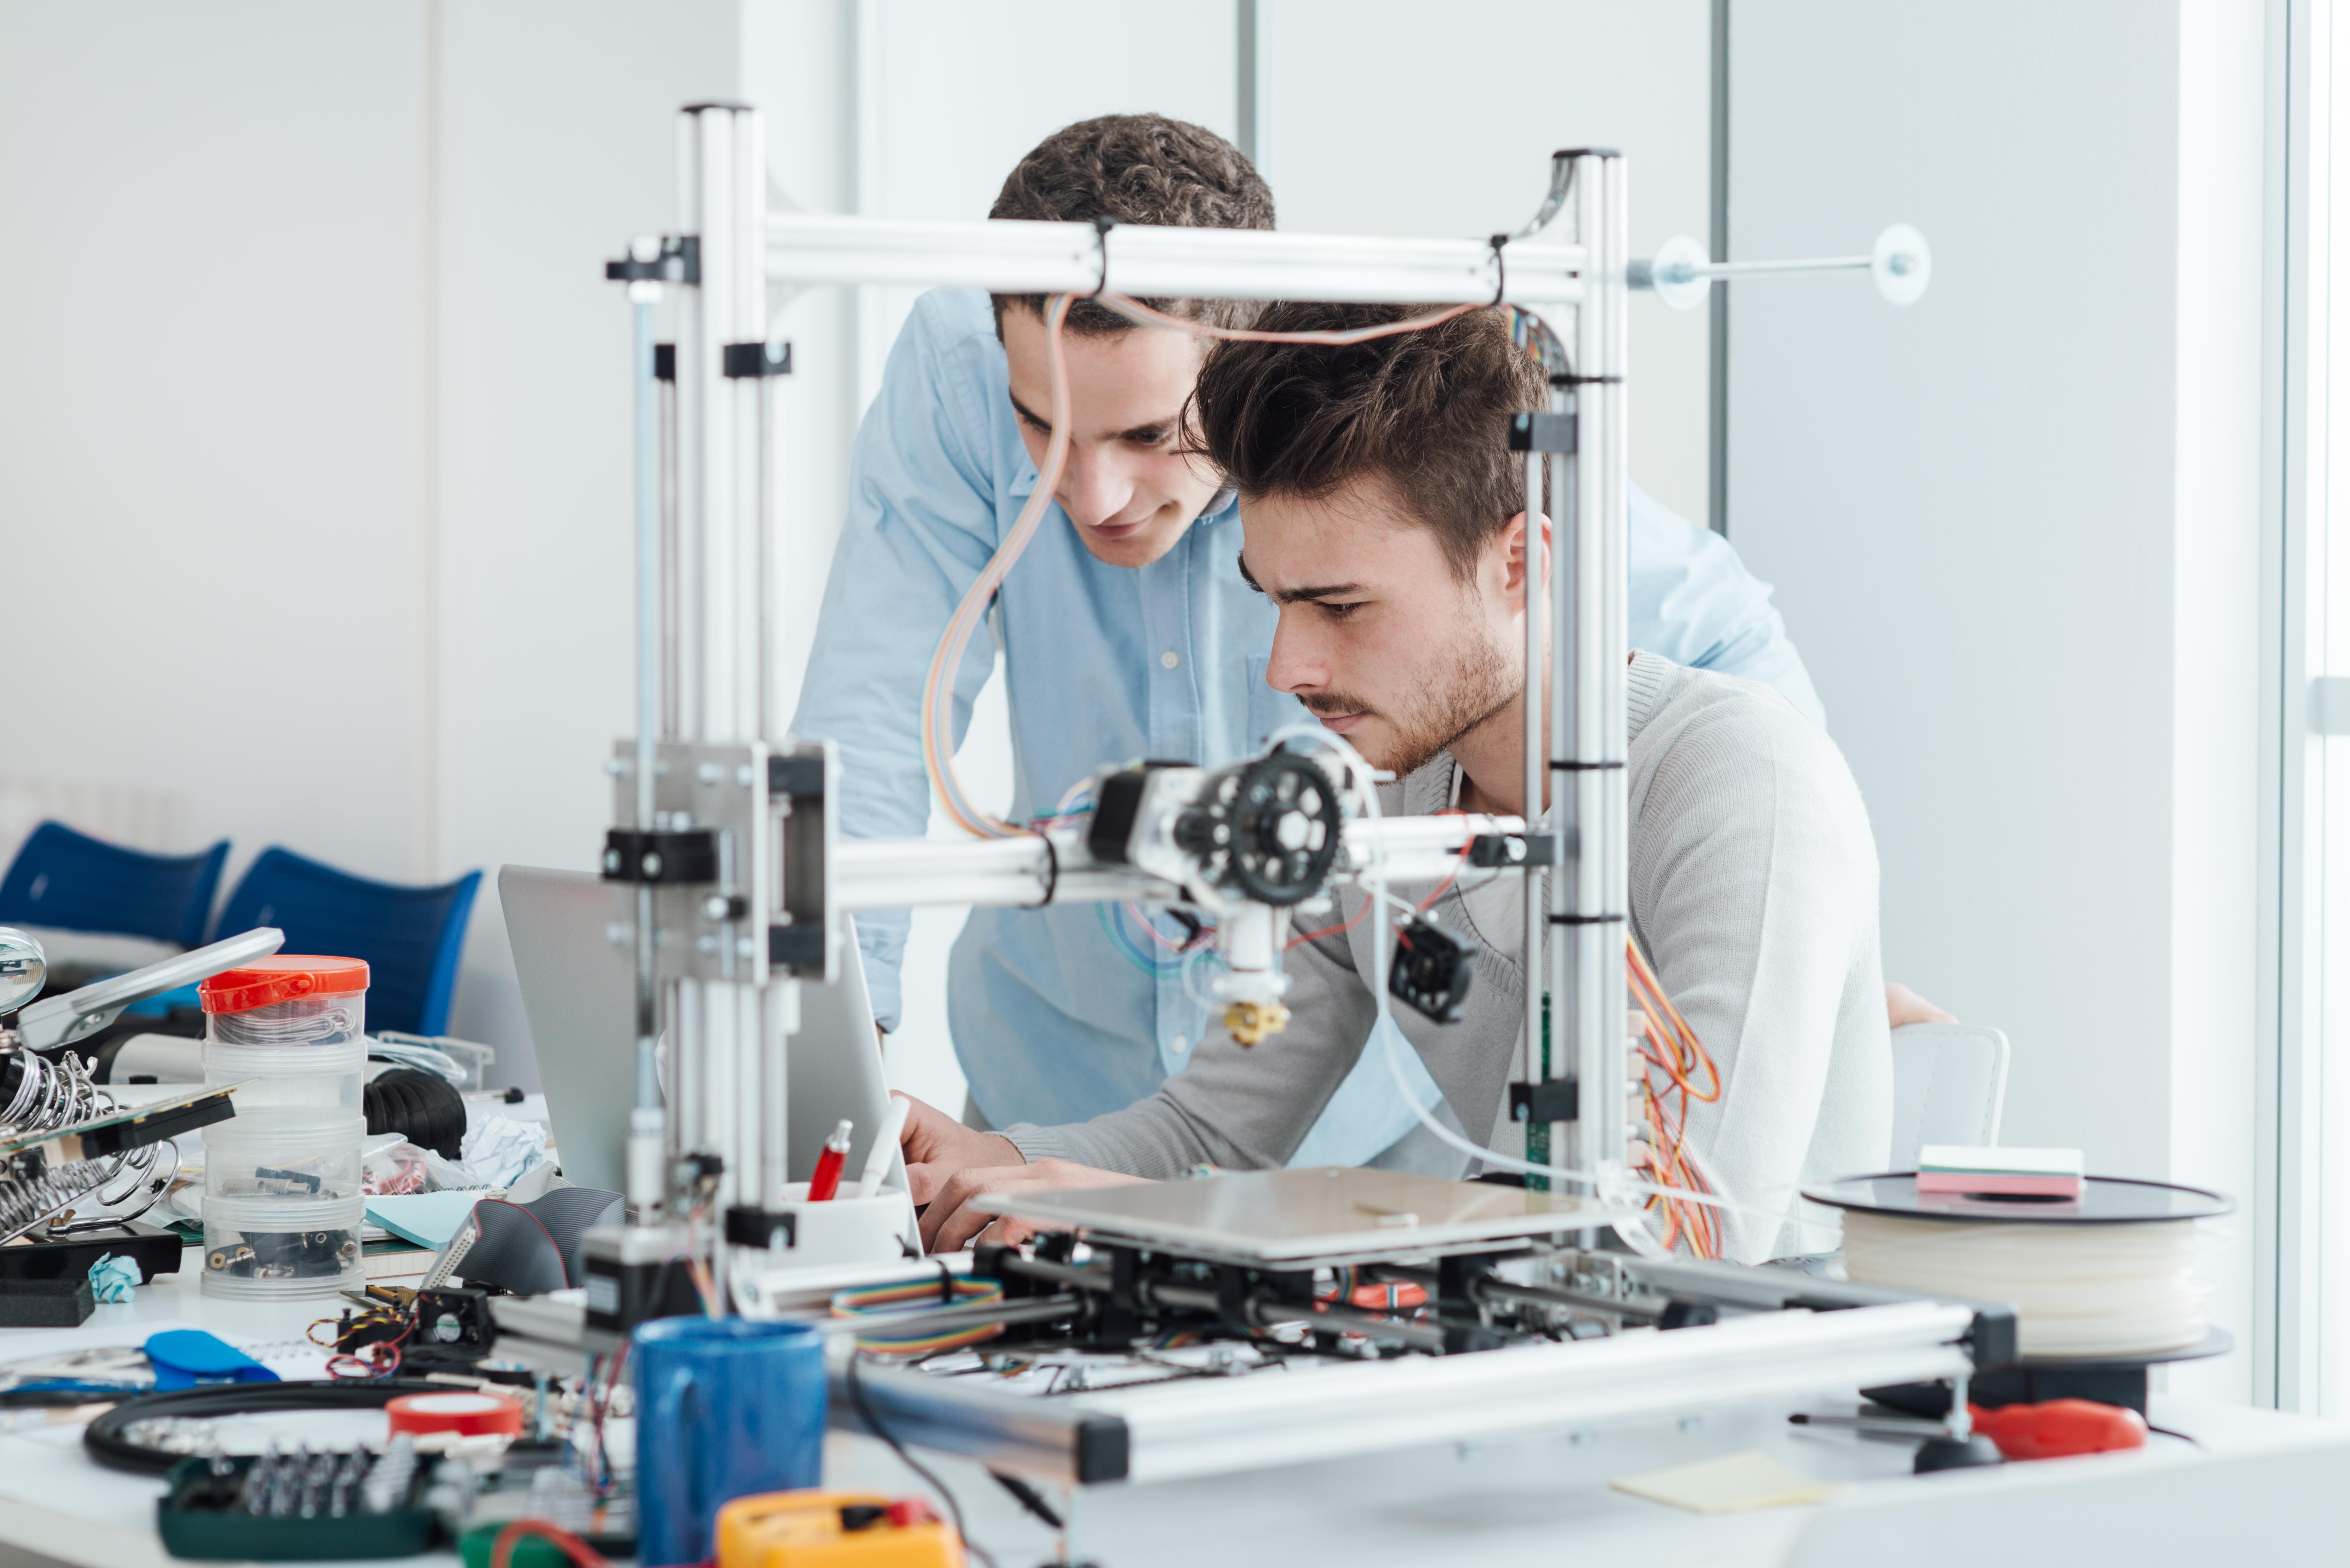 Med ny teknik hoppas forskarna kunna råda bot på bristen av organ.